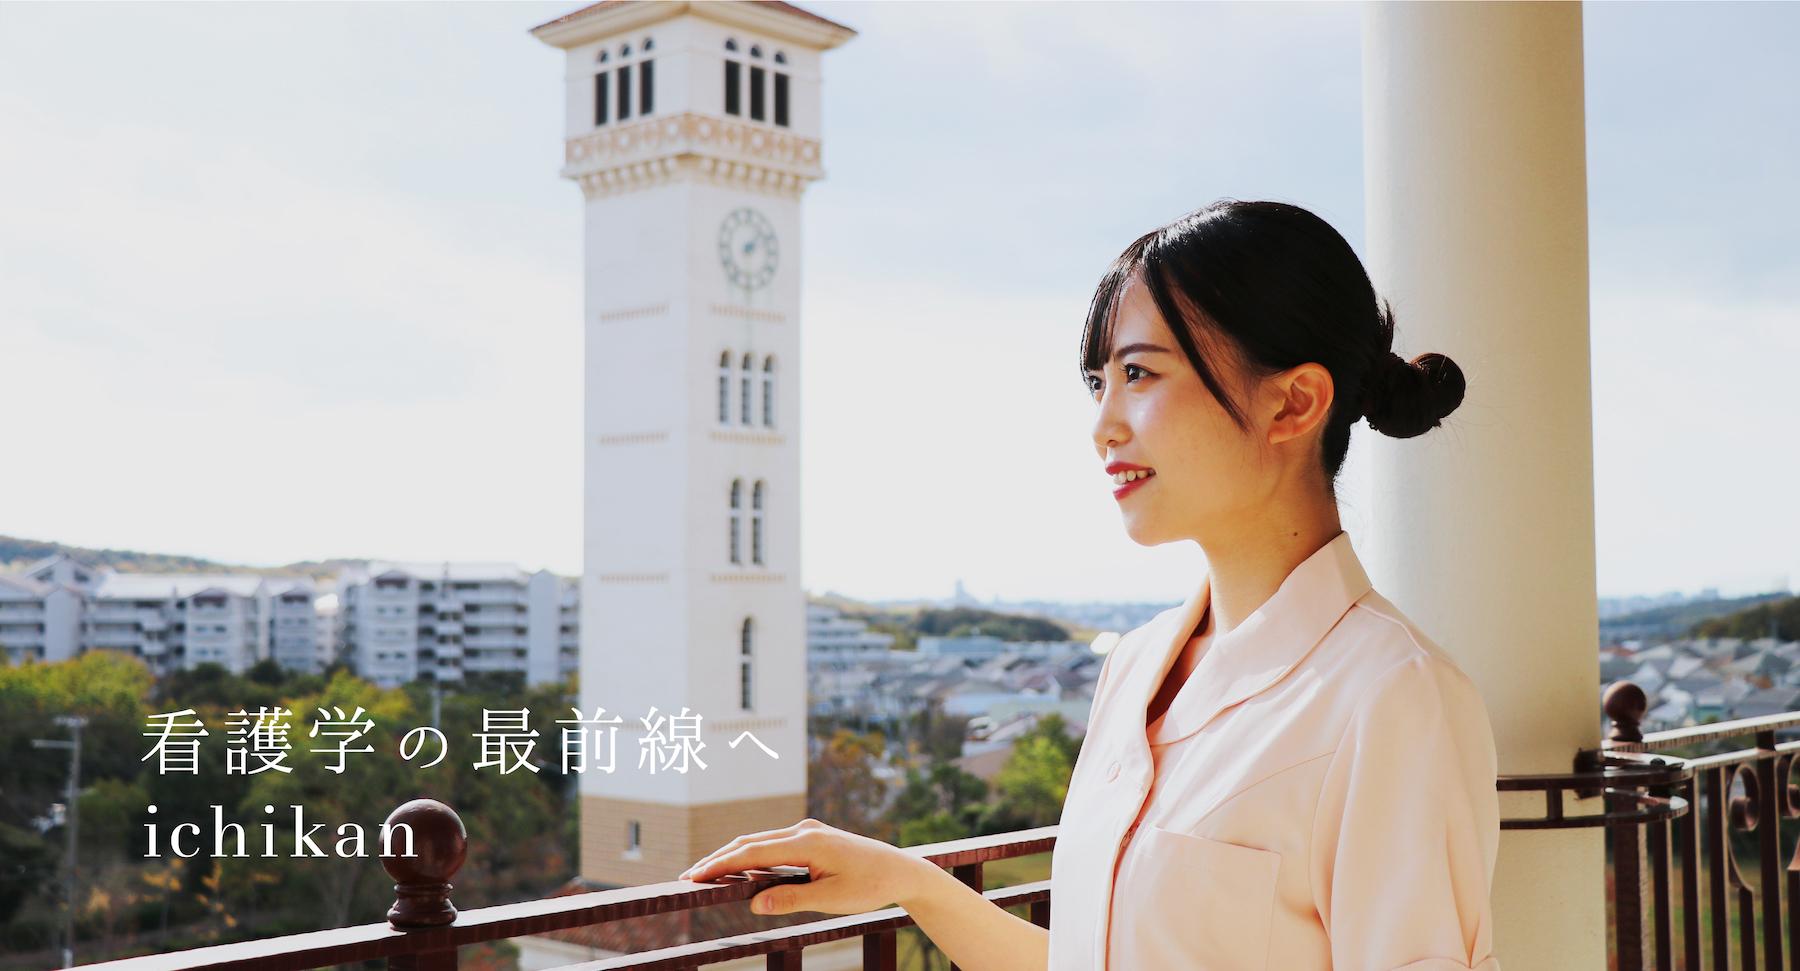 状況 出願 神戸 大学